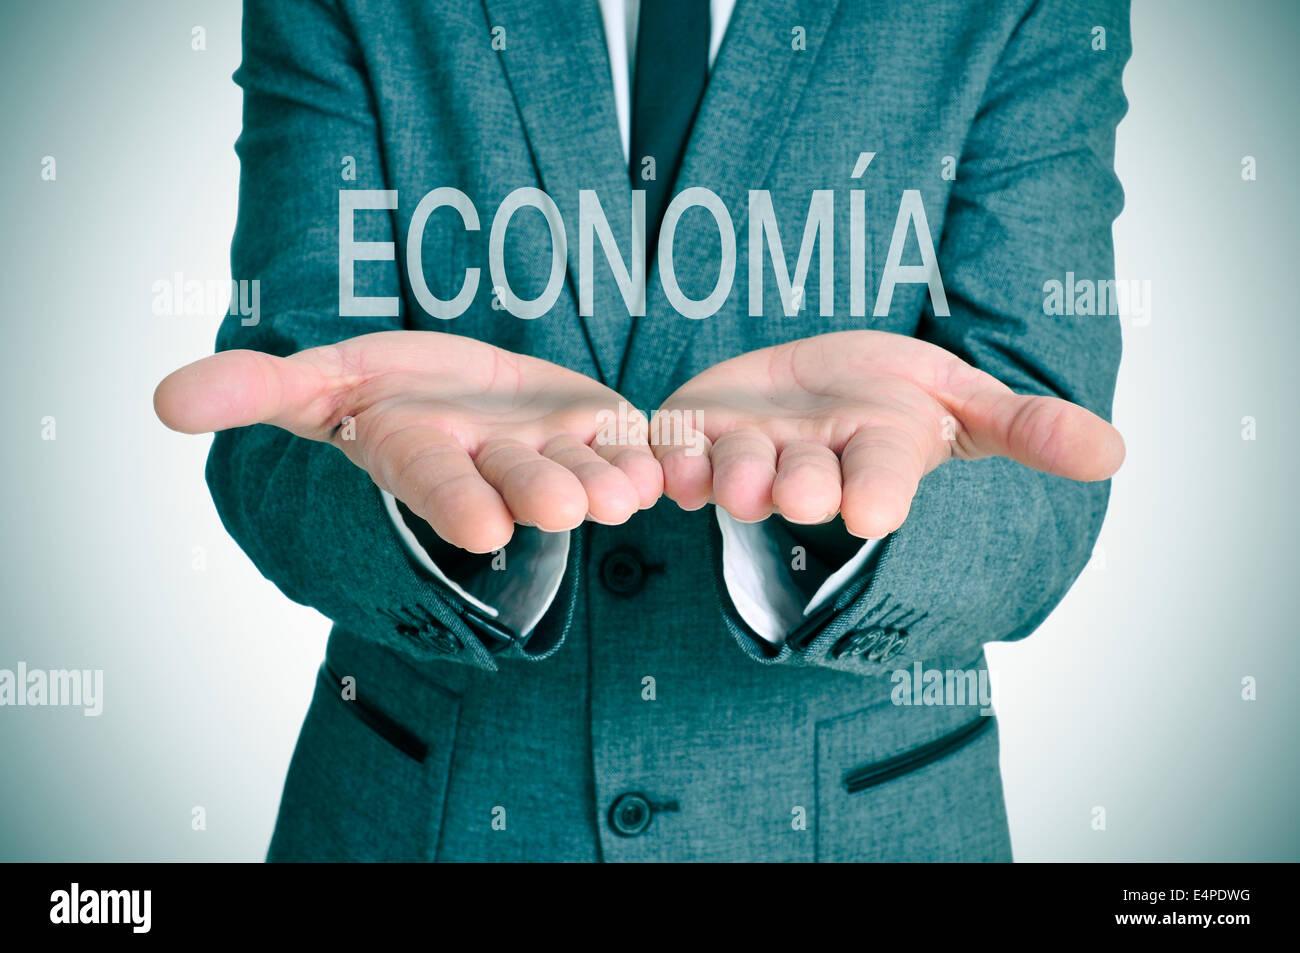 Un imprenditore con la parola economia, economia in spagnolo, nelle sue mani Immagini Stock